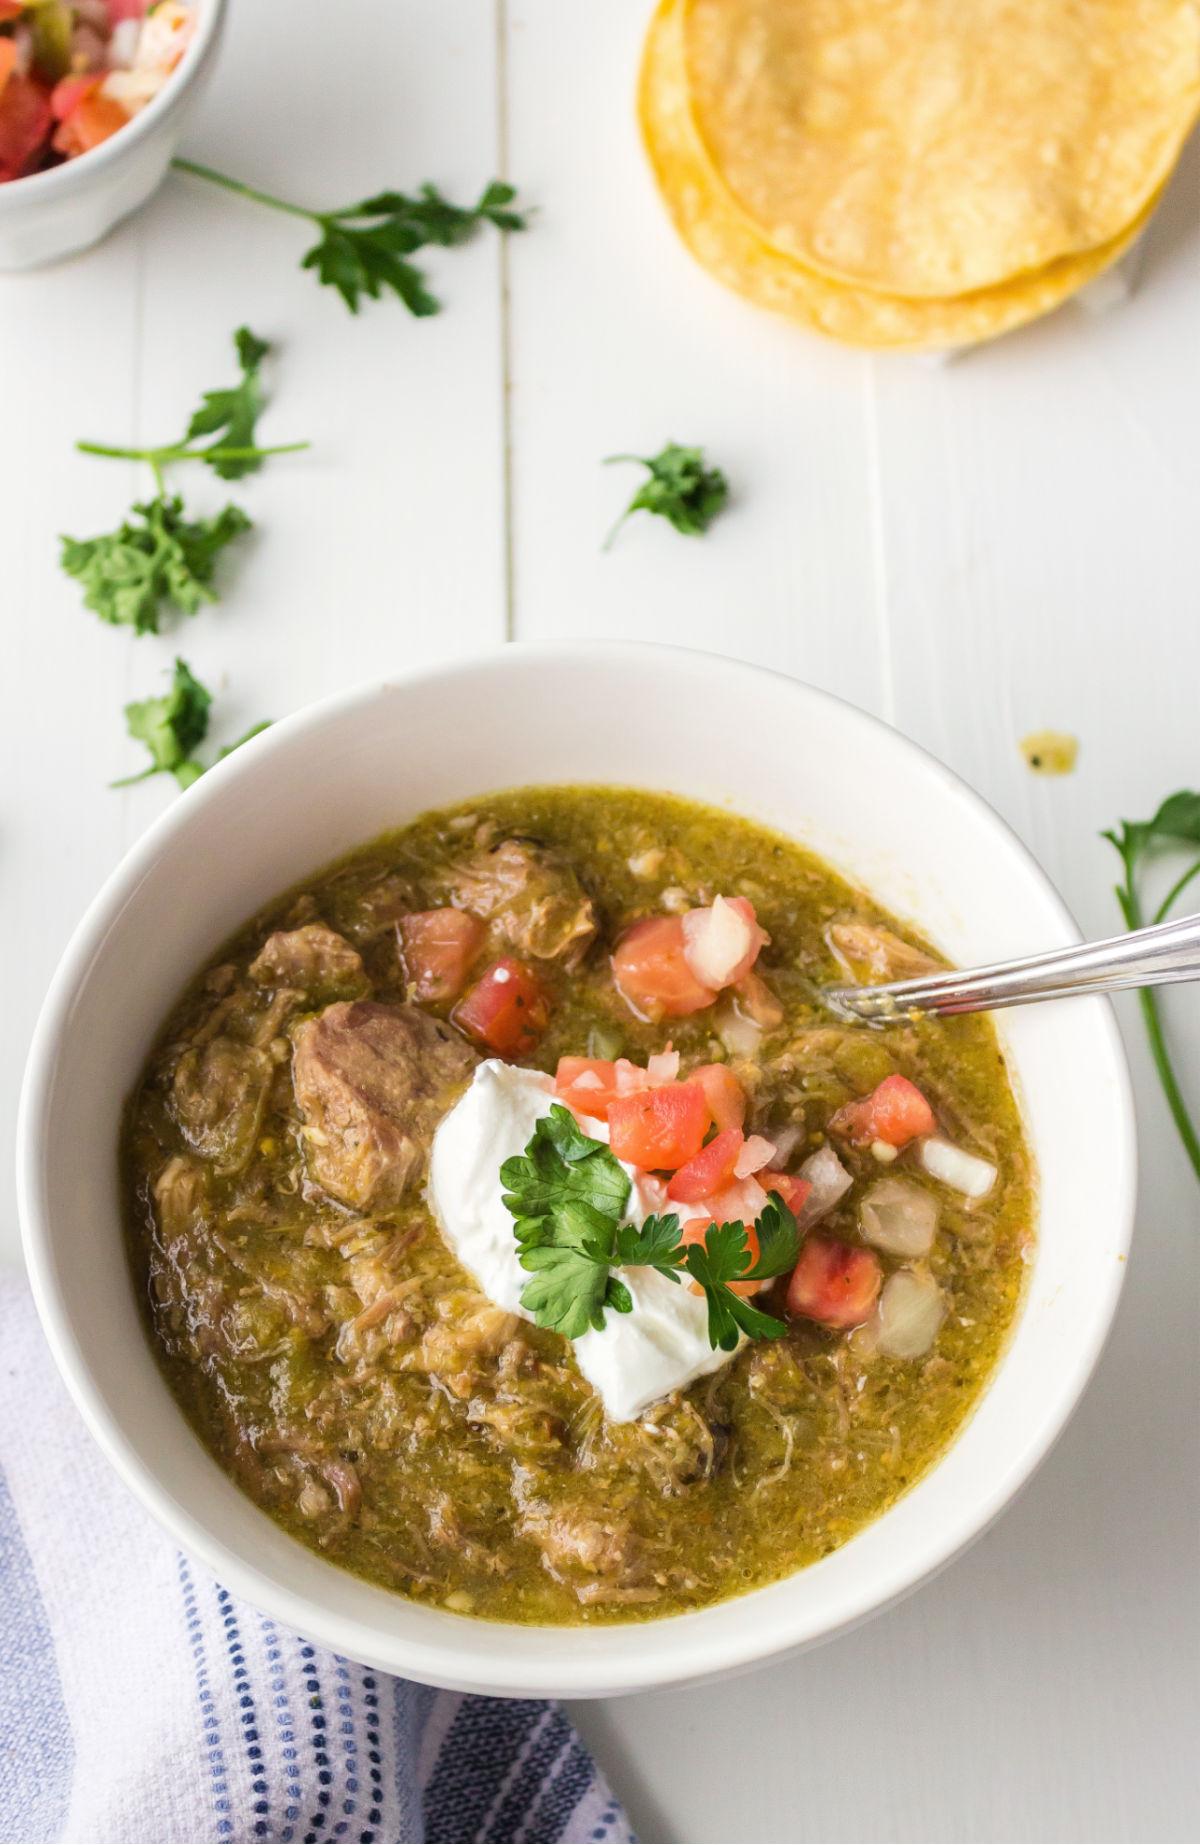 Pork chile verde topped with pico de gallo and sour cream